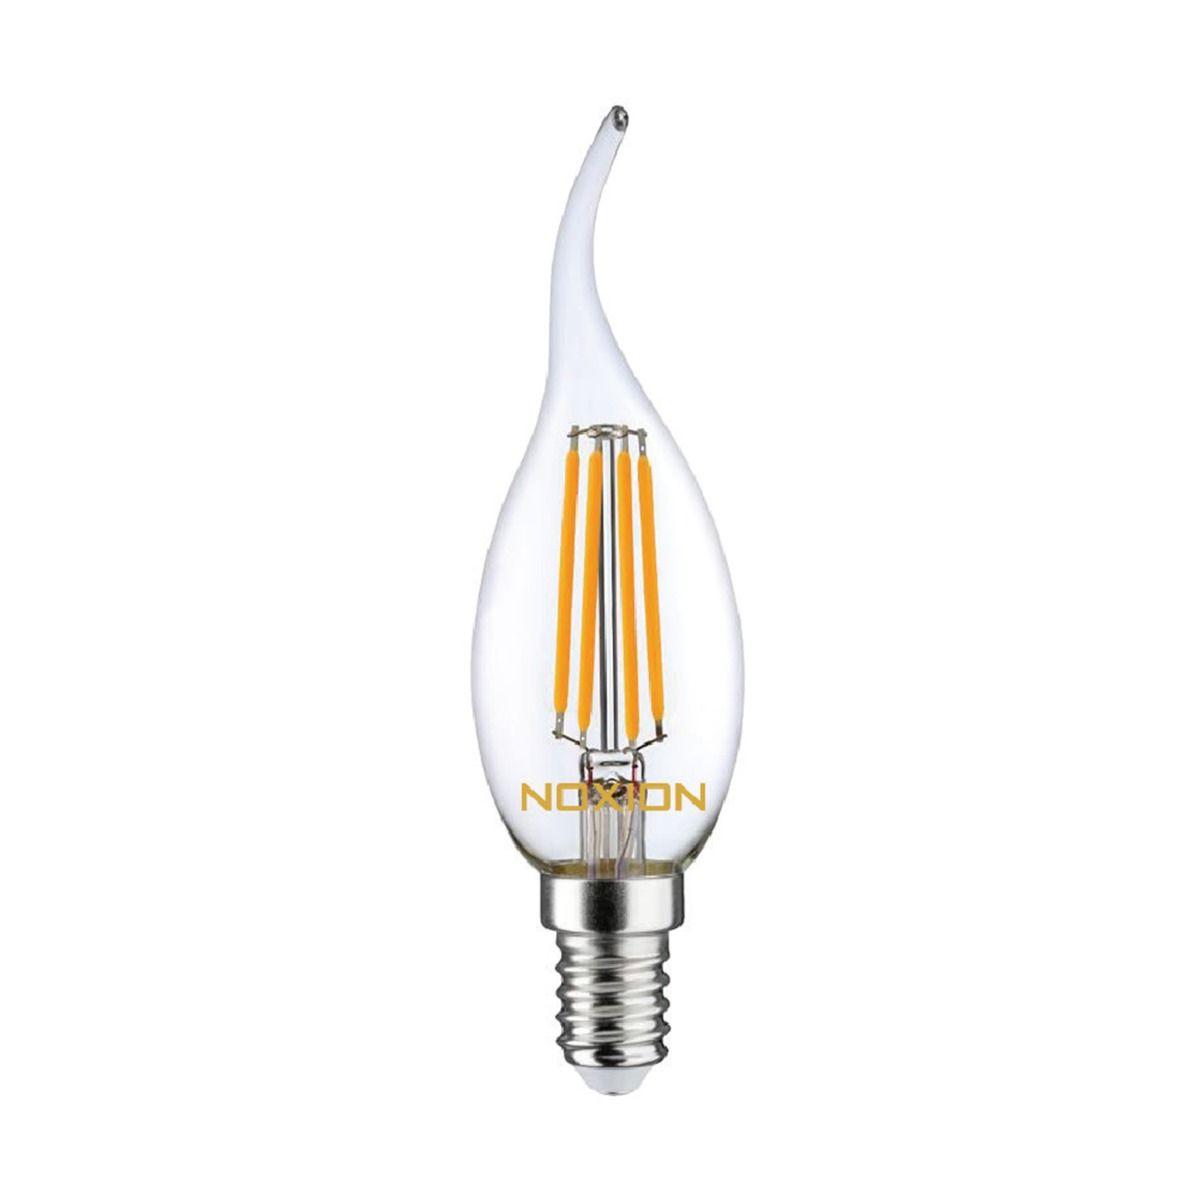 Noxion Lucent Kooldraad LED Candle 4.5W 827 BA35 E14 Helder   Dimbaar - Vervanger voor 40W